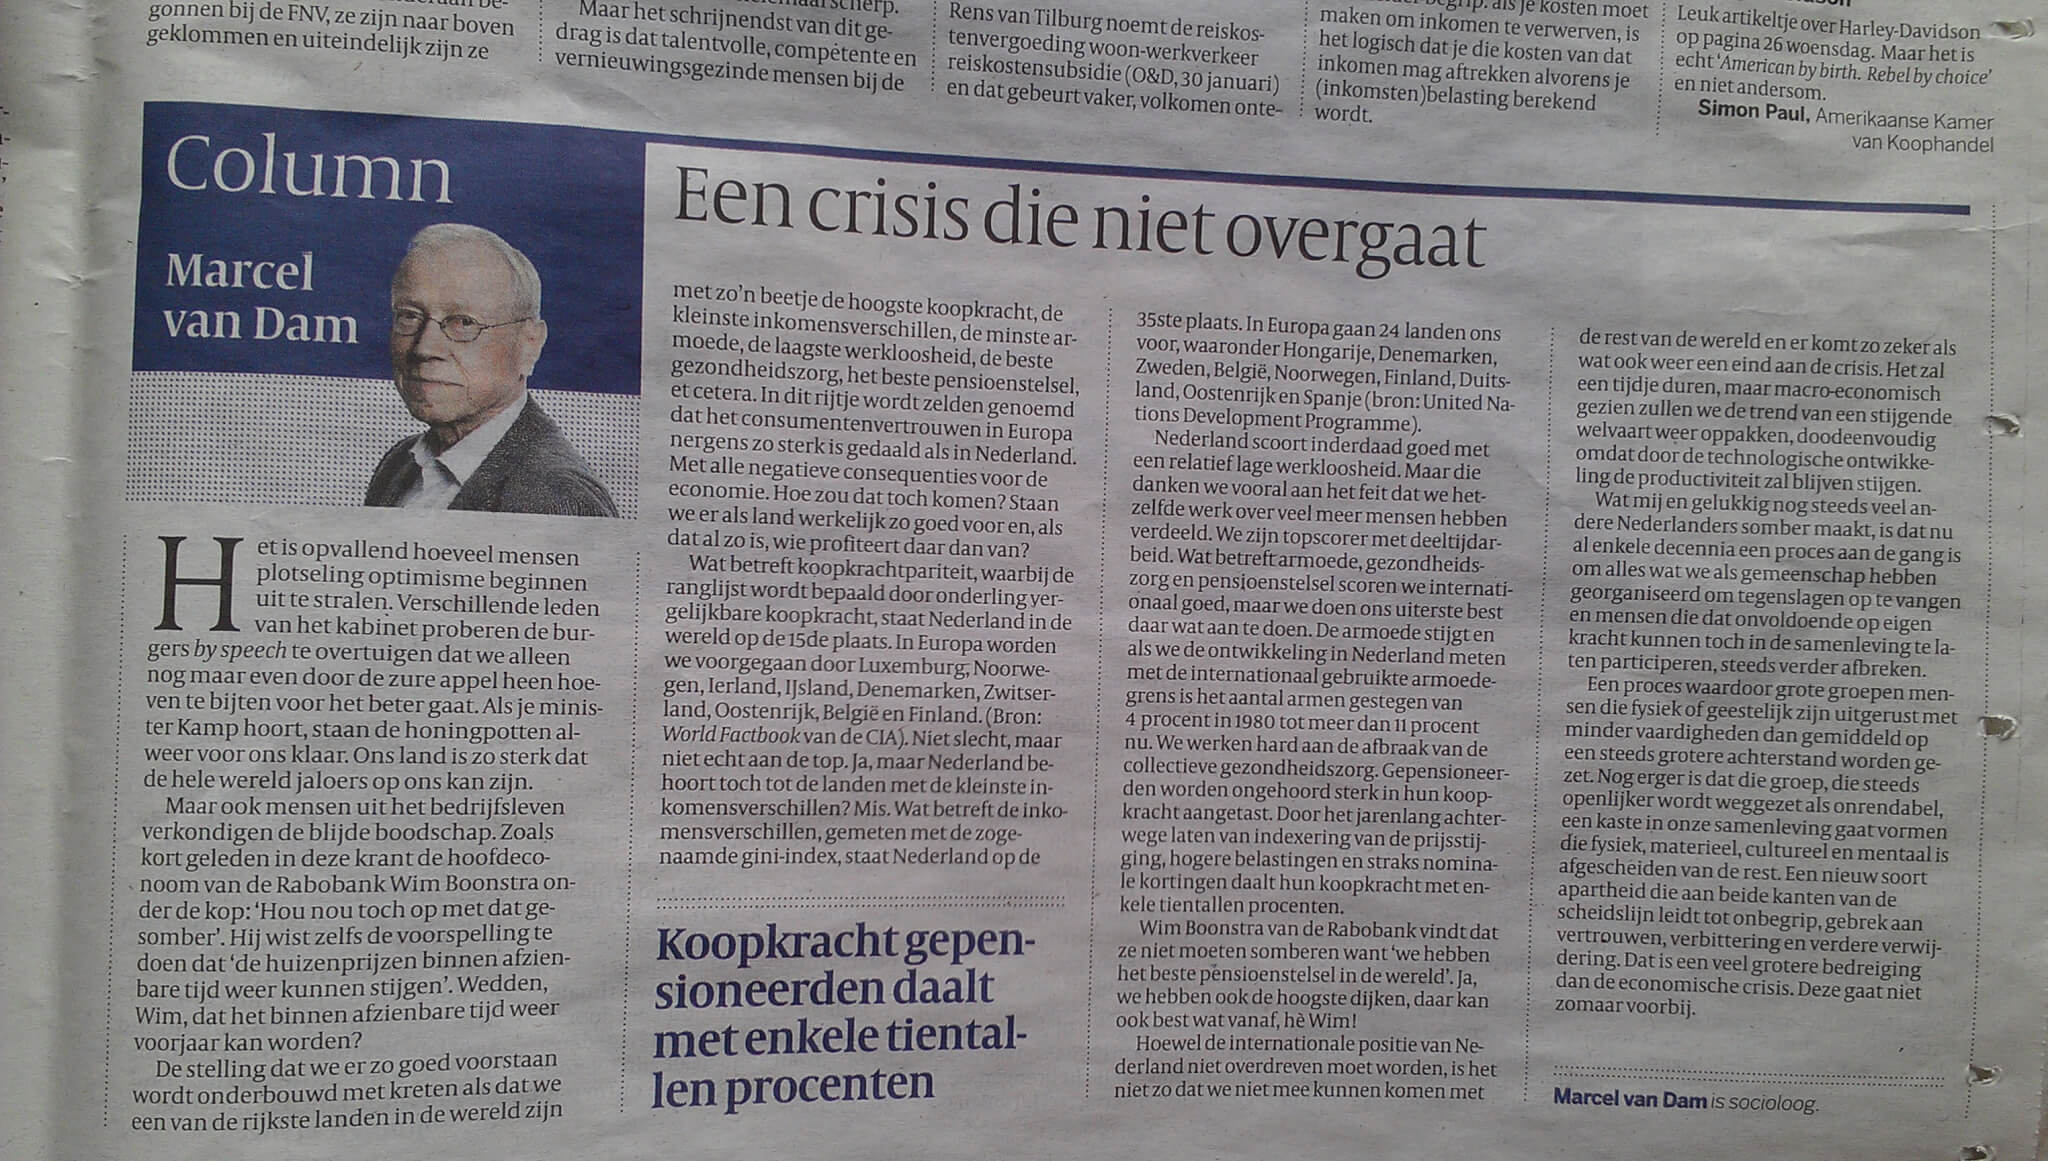 """afbeelding bericht: """"Een crisis die niet overgaat"""", Marcel van Dam, Volkskrant 31 januari 2013"""